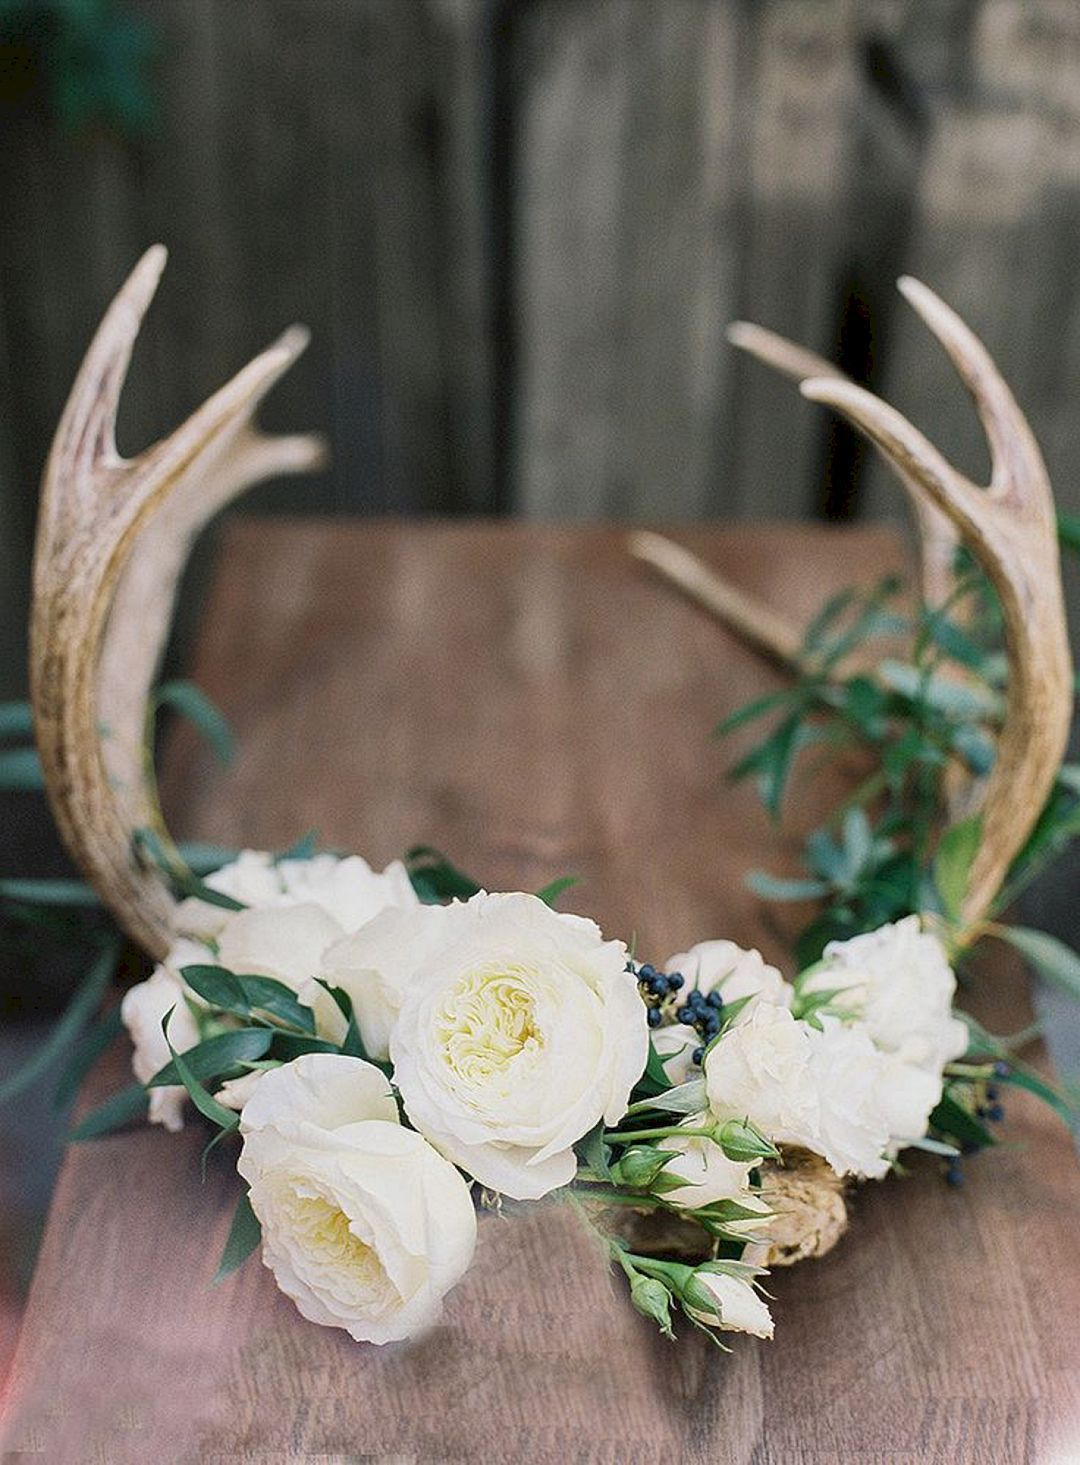 141 diy creative rustic chic wedding centerpieces ideas